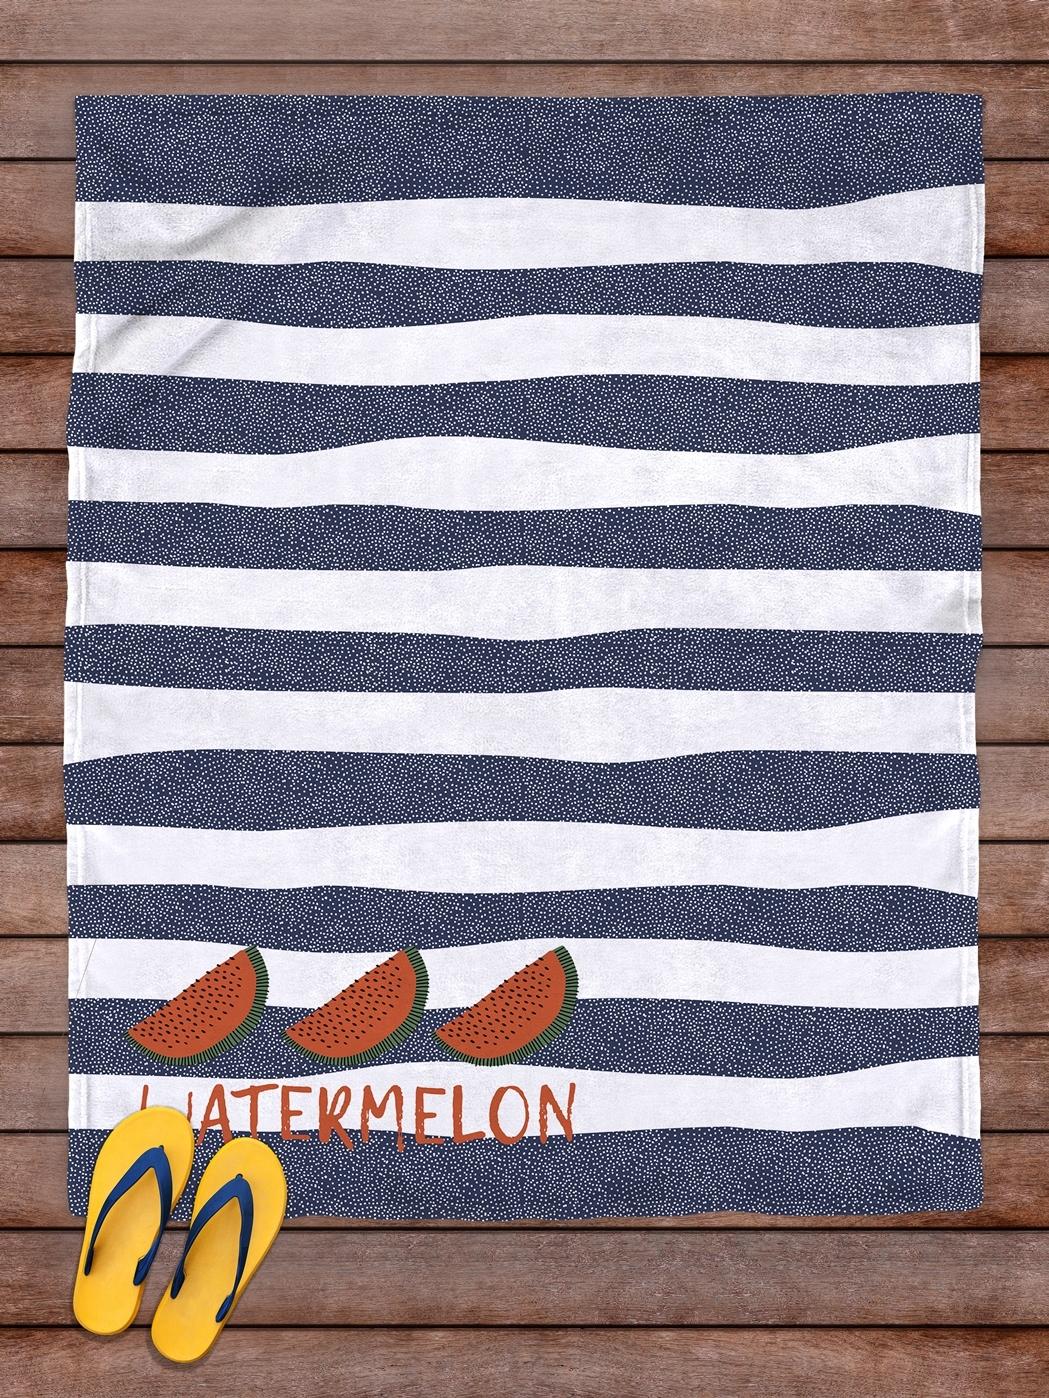 Плед покрывало пляжное для пикника флис 145х180 Арбуз- обзор, преимущества, отзывы. Заказать товар за 2263 руб. Бренд sfer.tex